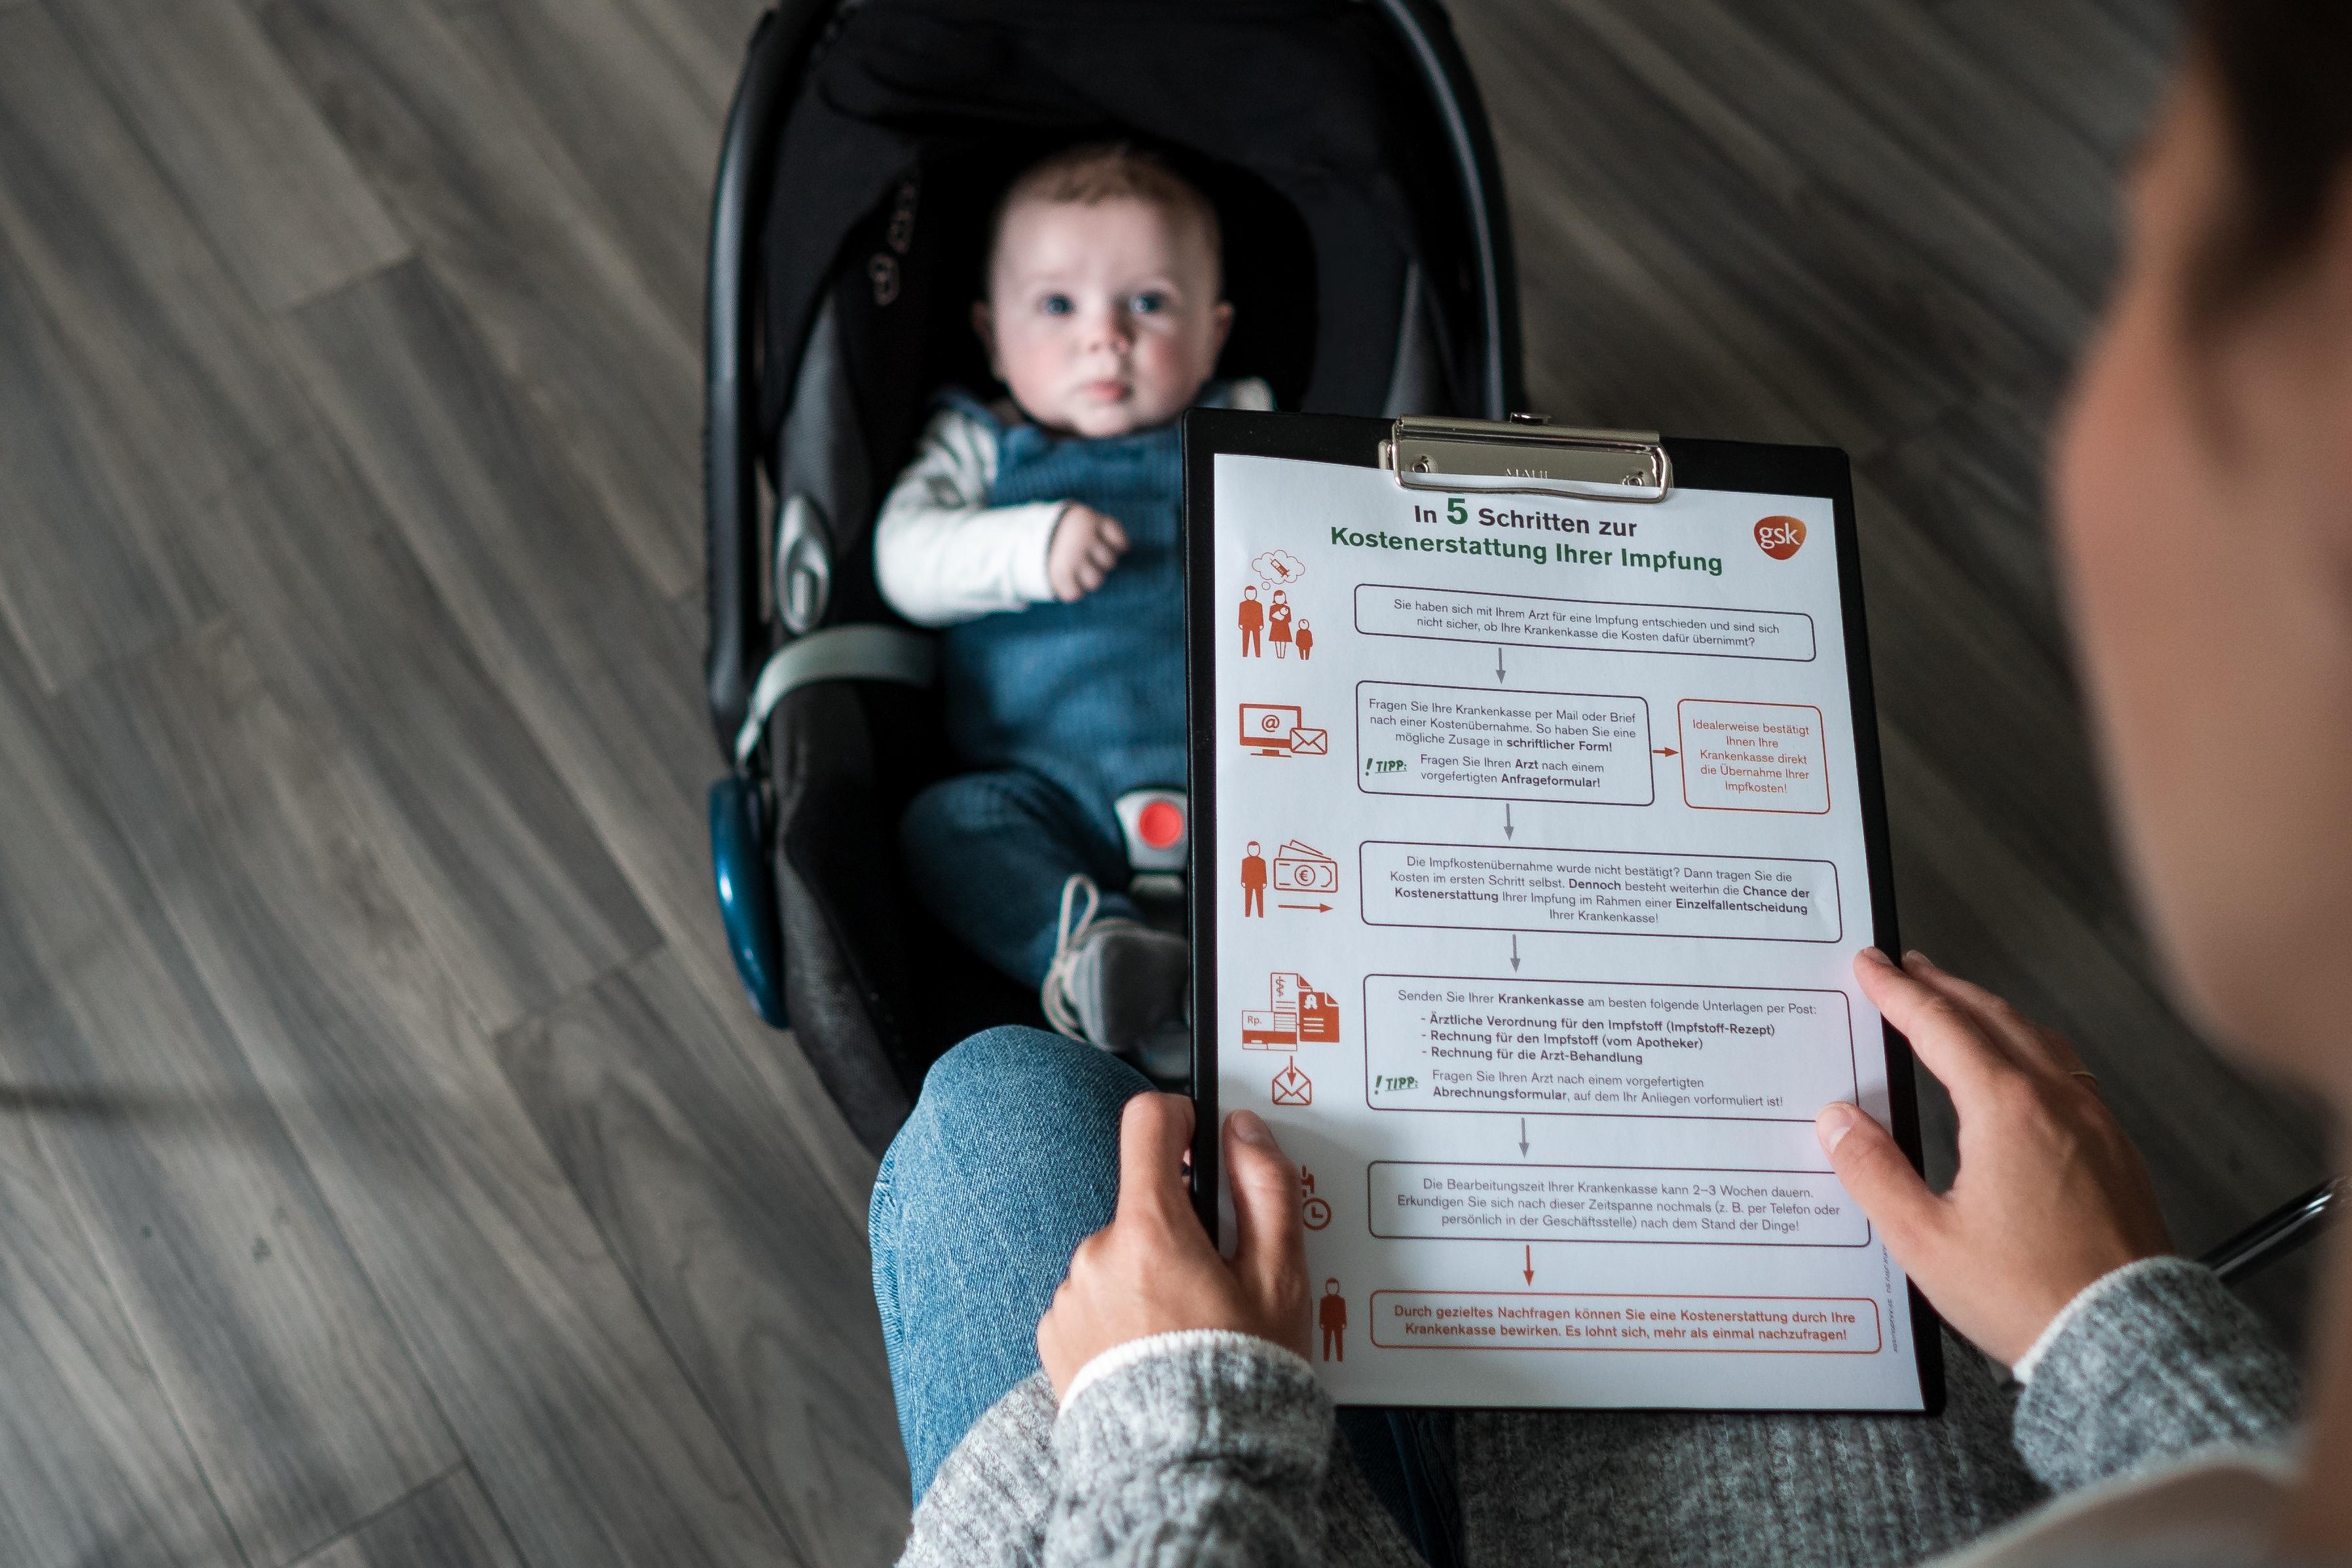 Tipps zur Kostenerstattung von Meningokokken-Impfungen